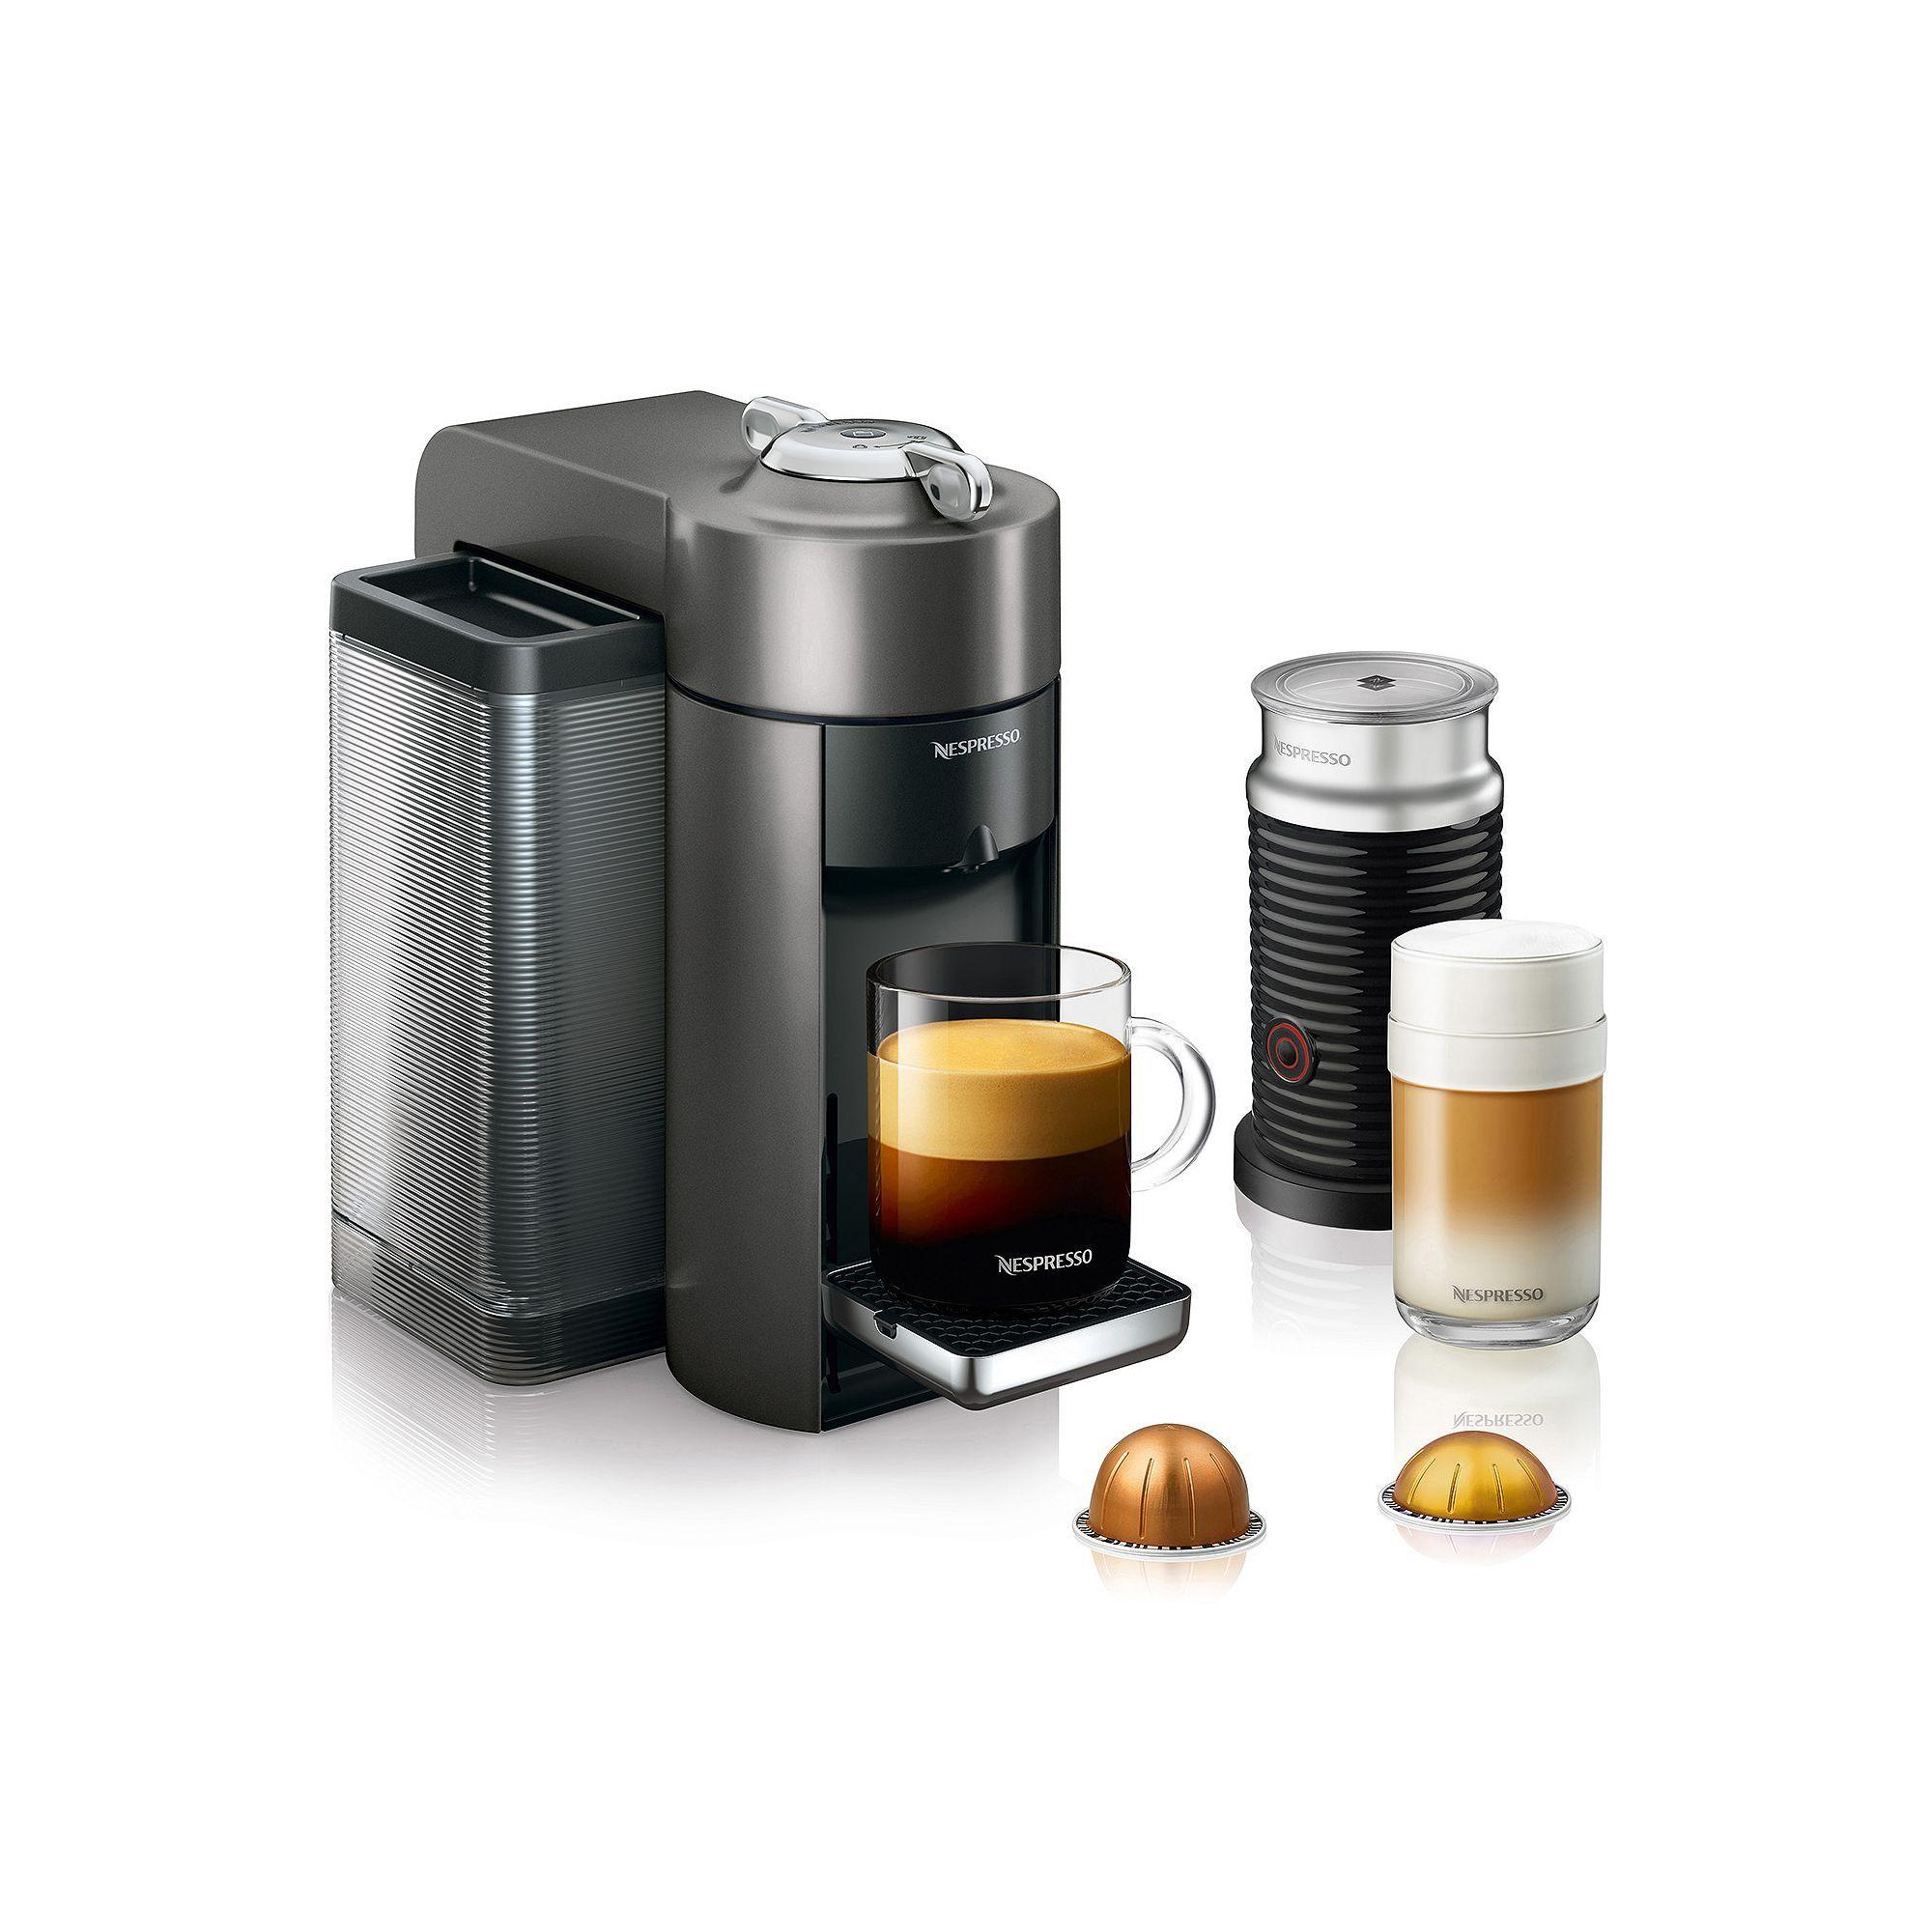 Nespresso Vertuo Coffee & Espresso Machine with Aeroccino